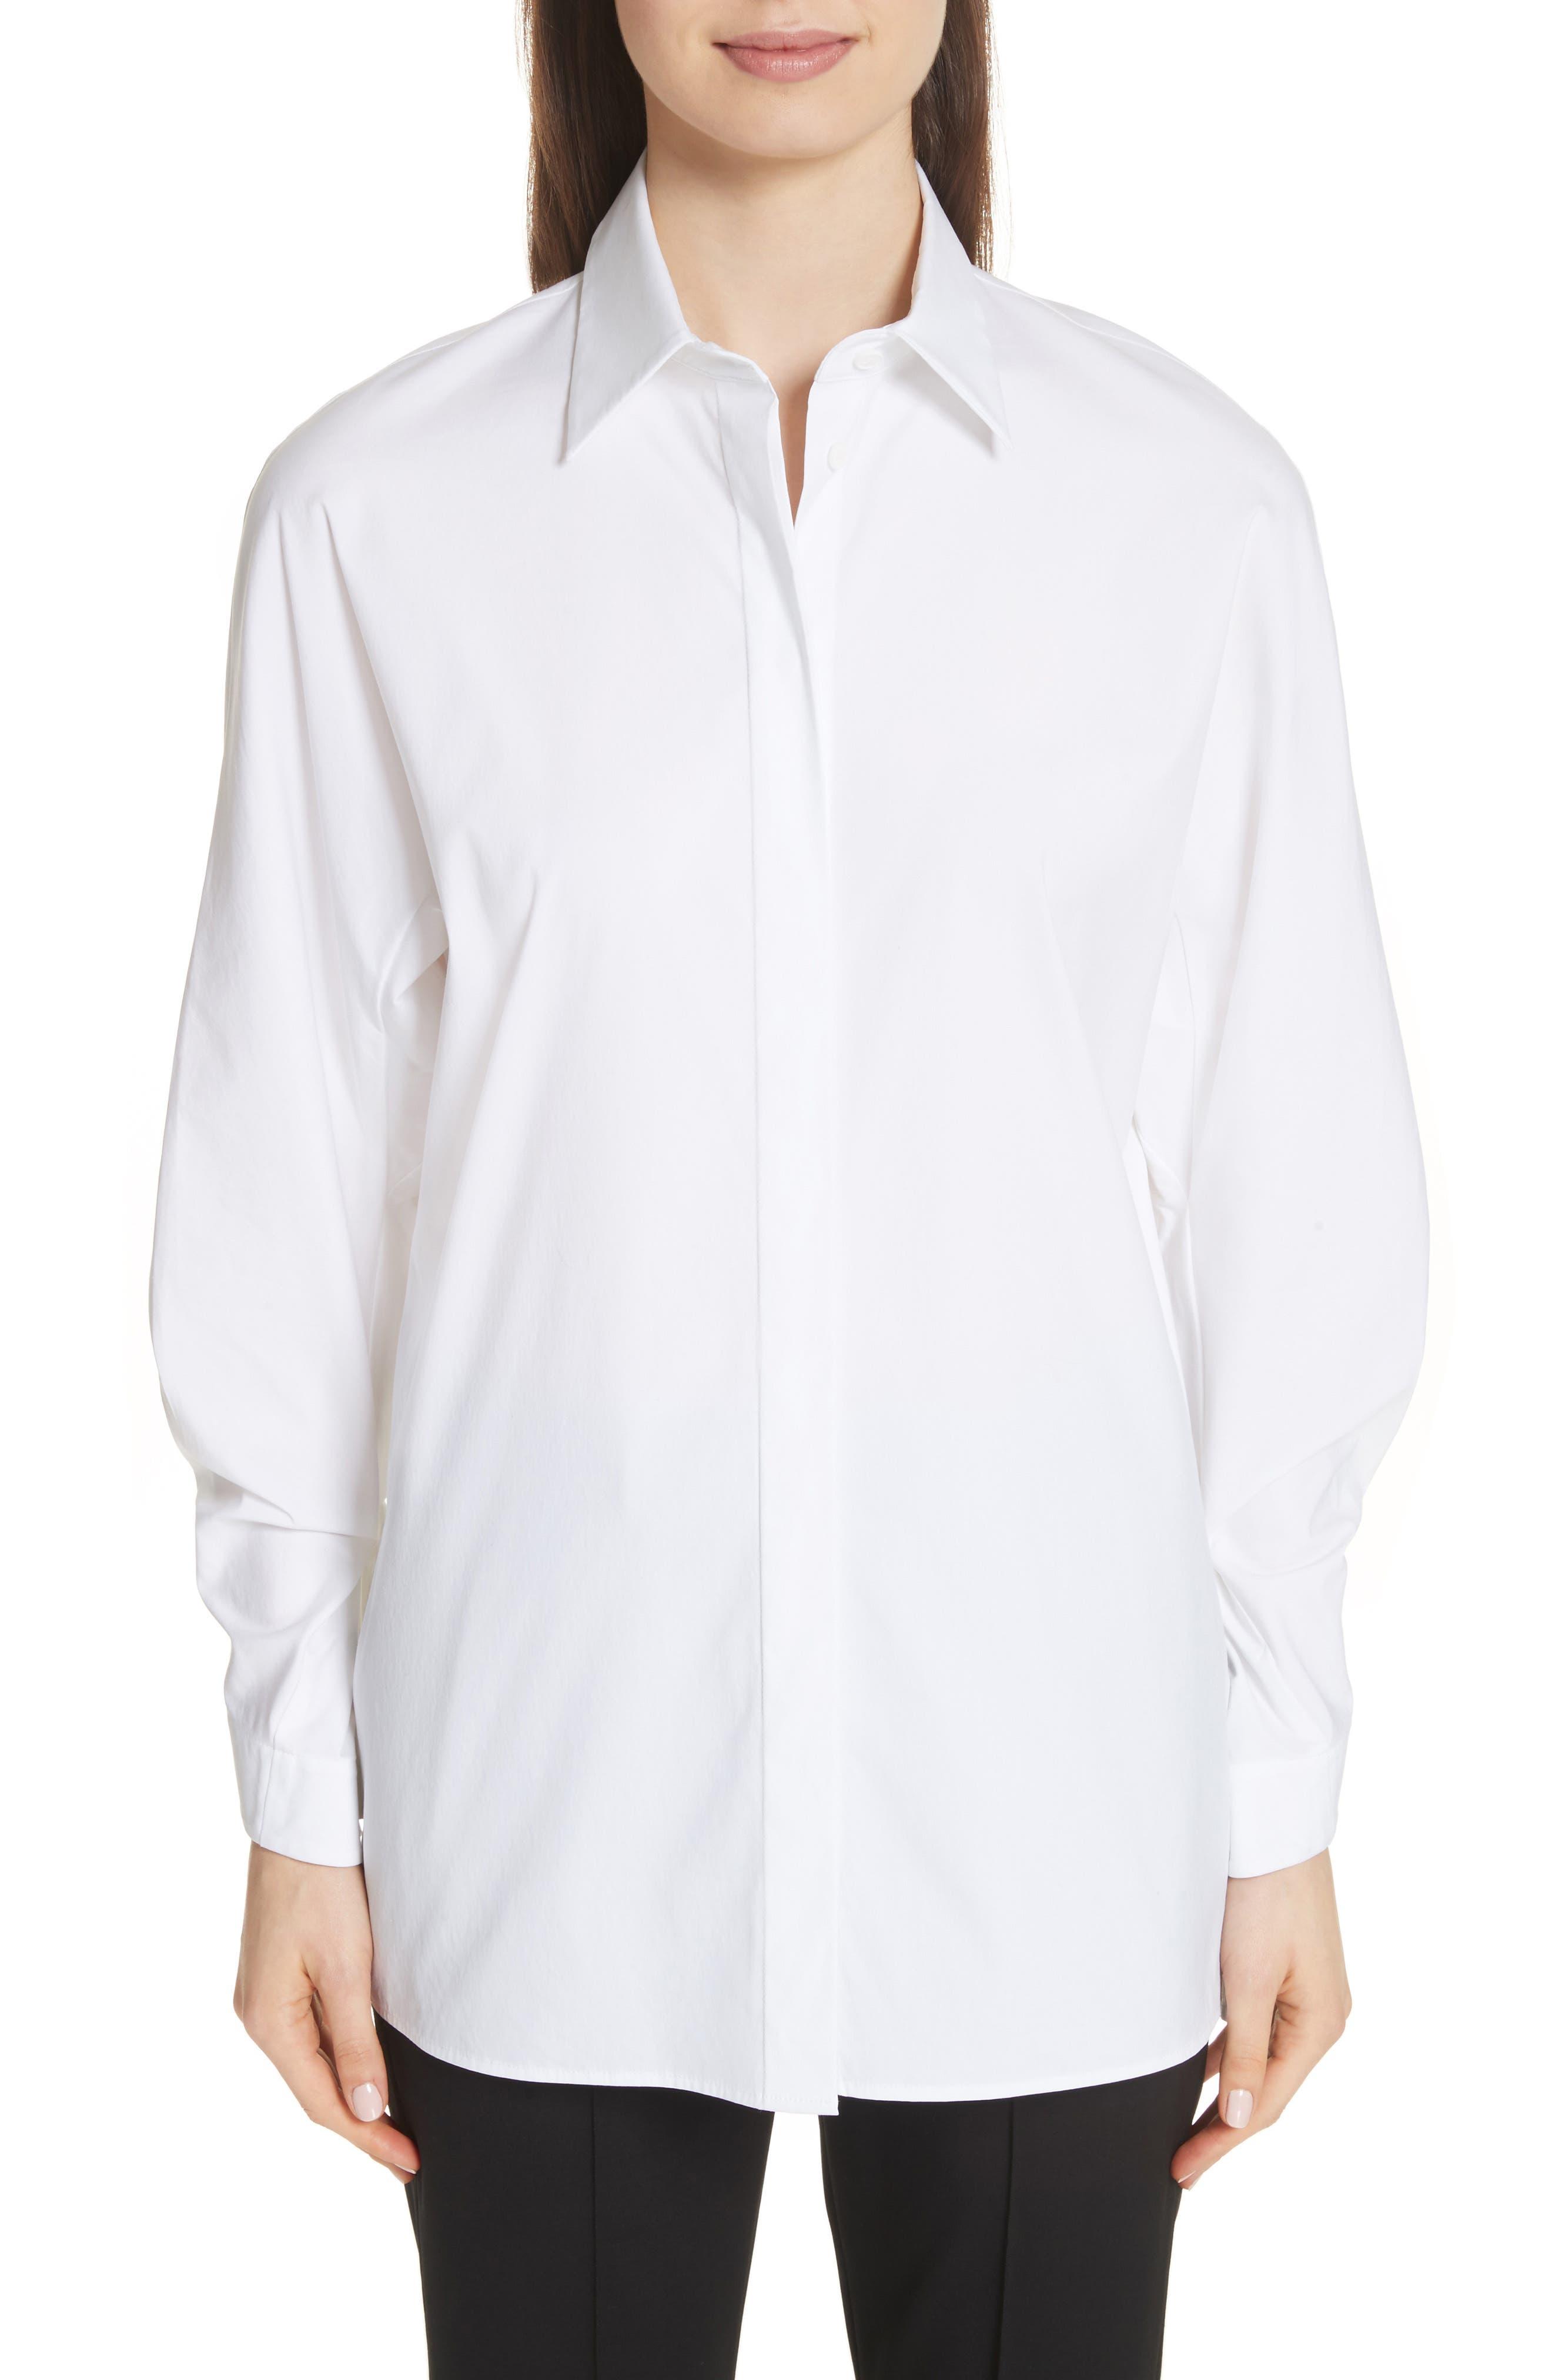 Victoria Cotton Blend Blouse,                         Main,                         color, White